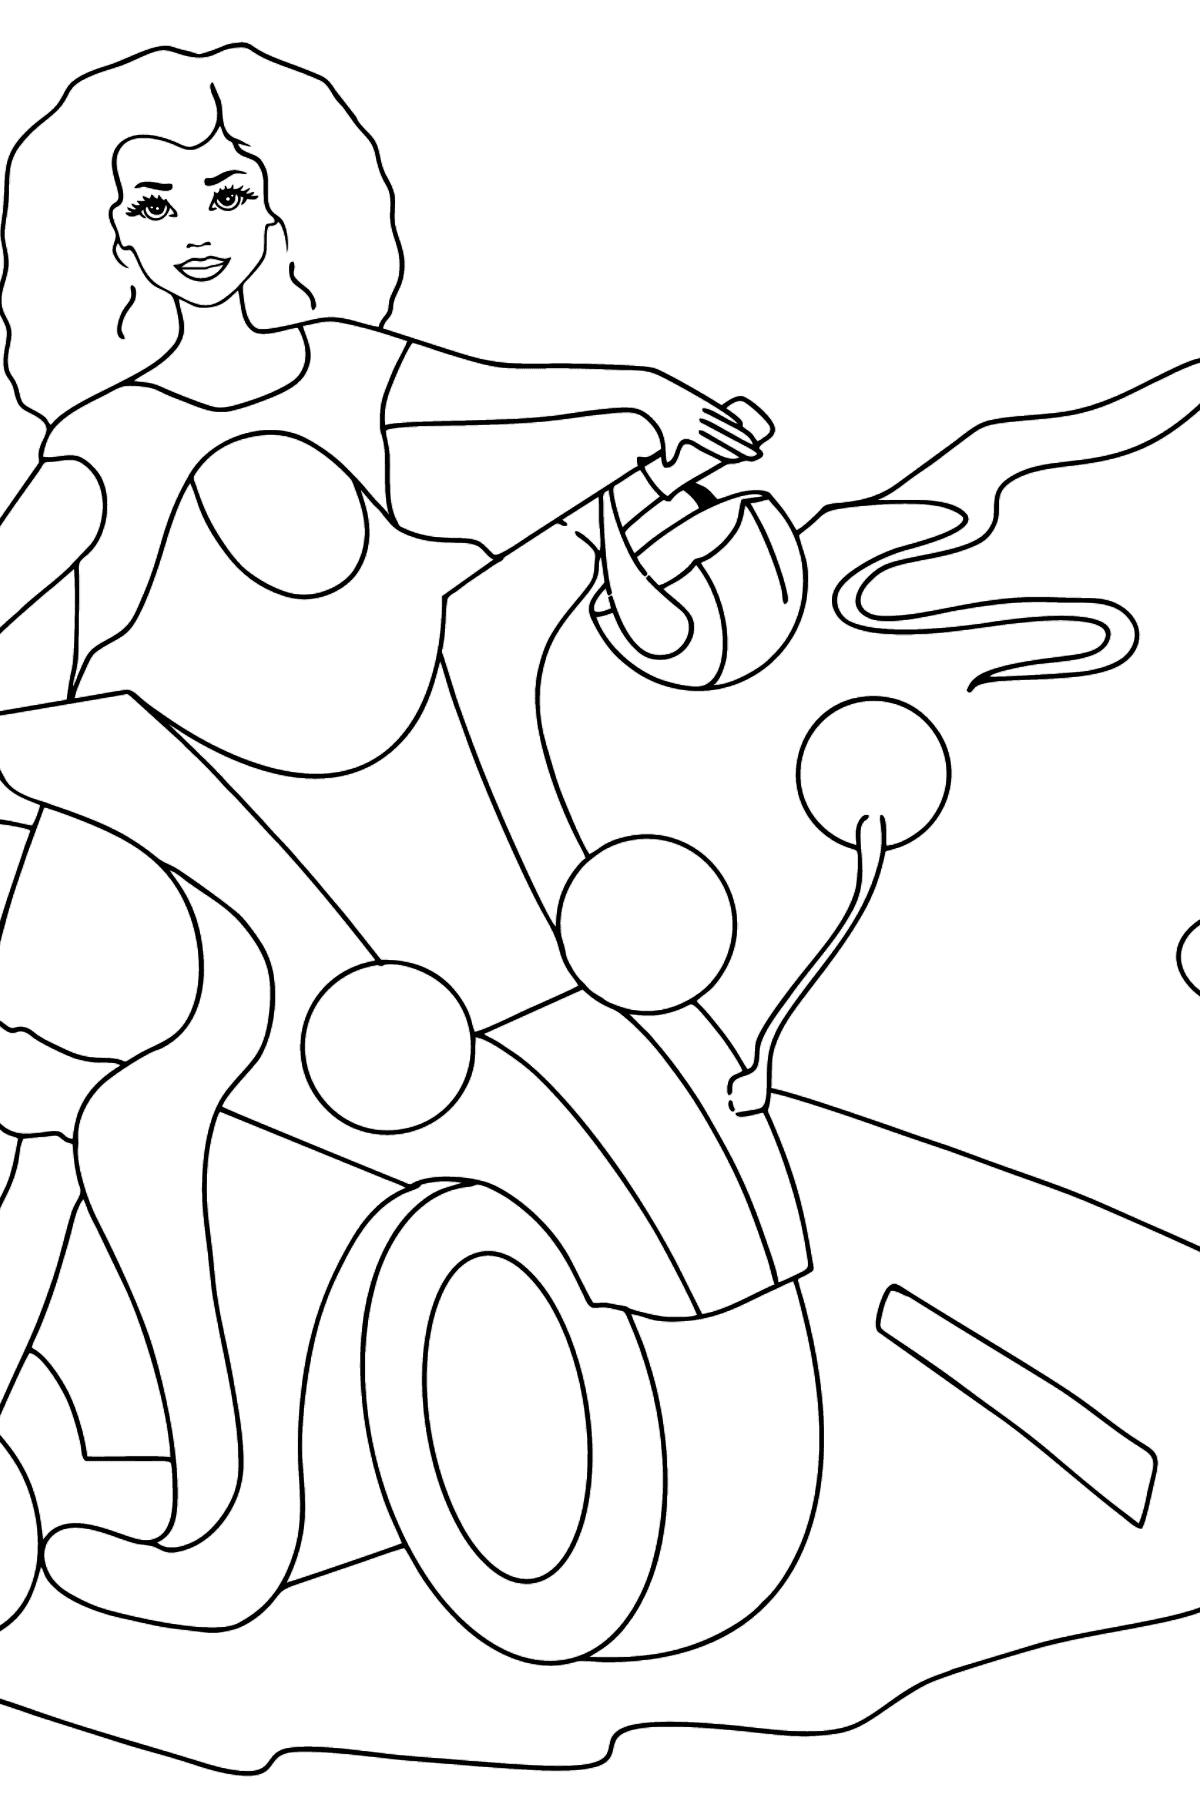 Раскраска кукла Барби на мотоцикле - Картинки для Детей